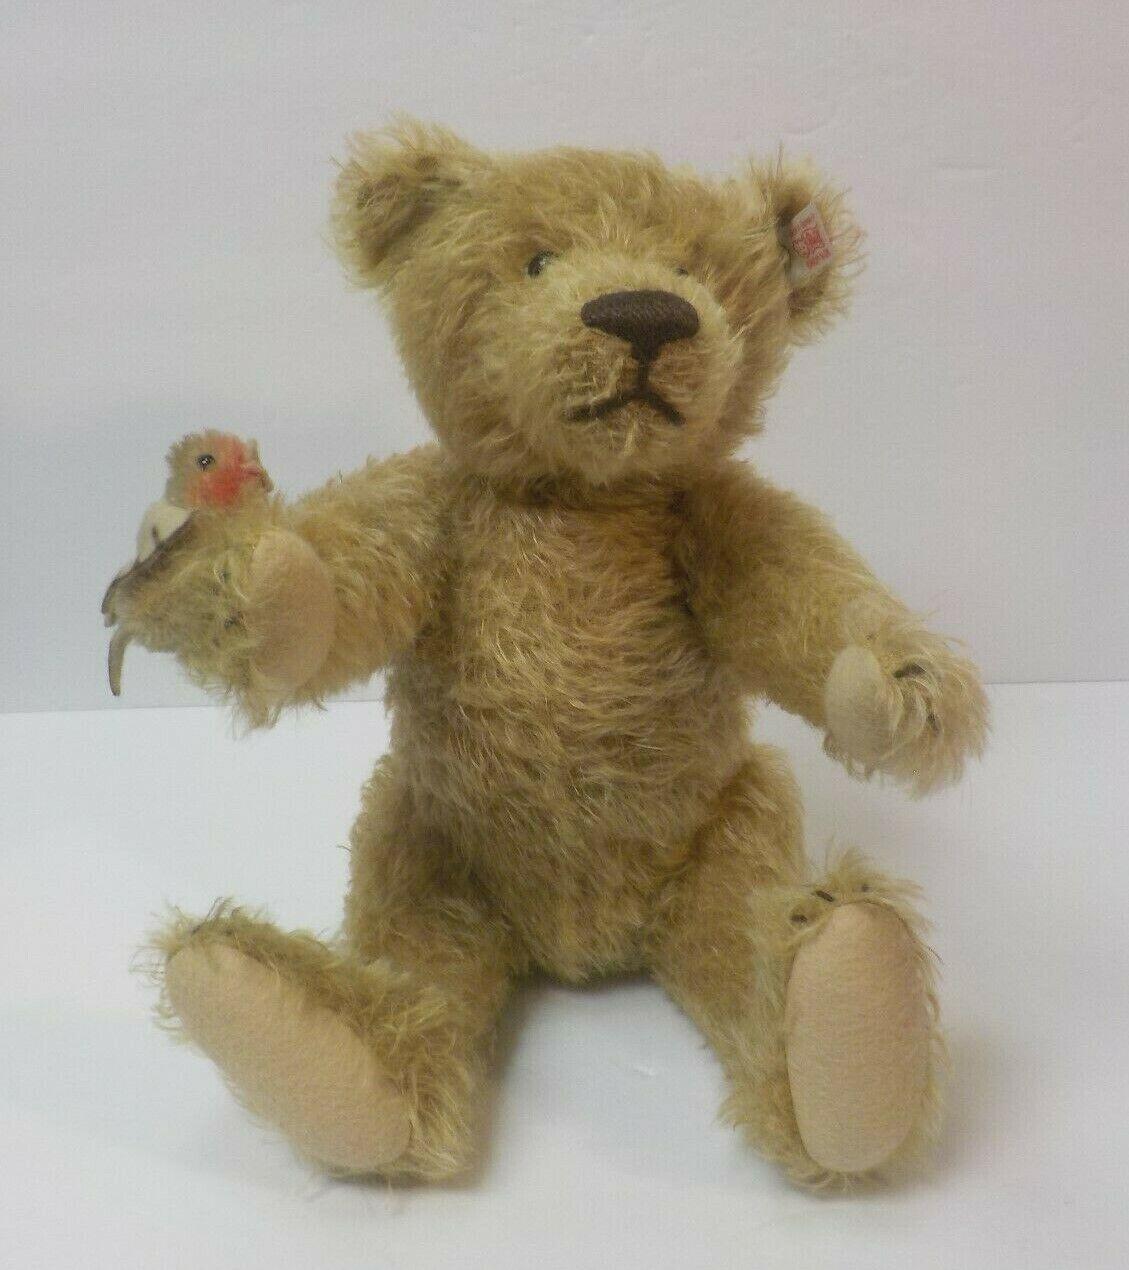 Steiff 2006 Ltd. Edition Mohair Romance Bear  766 2006, Bird on Arm